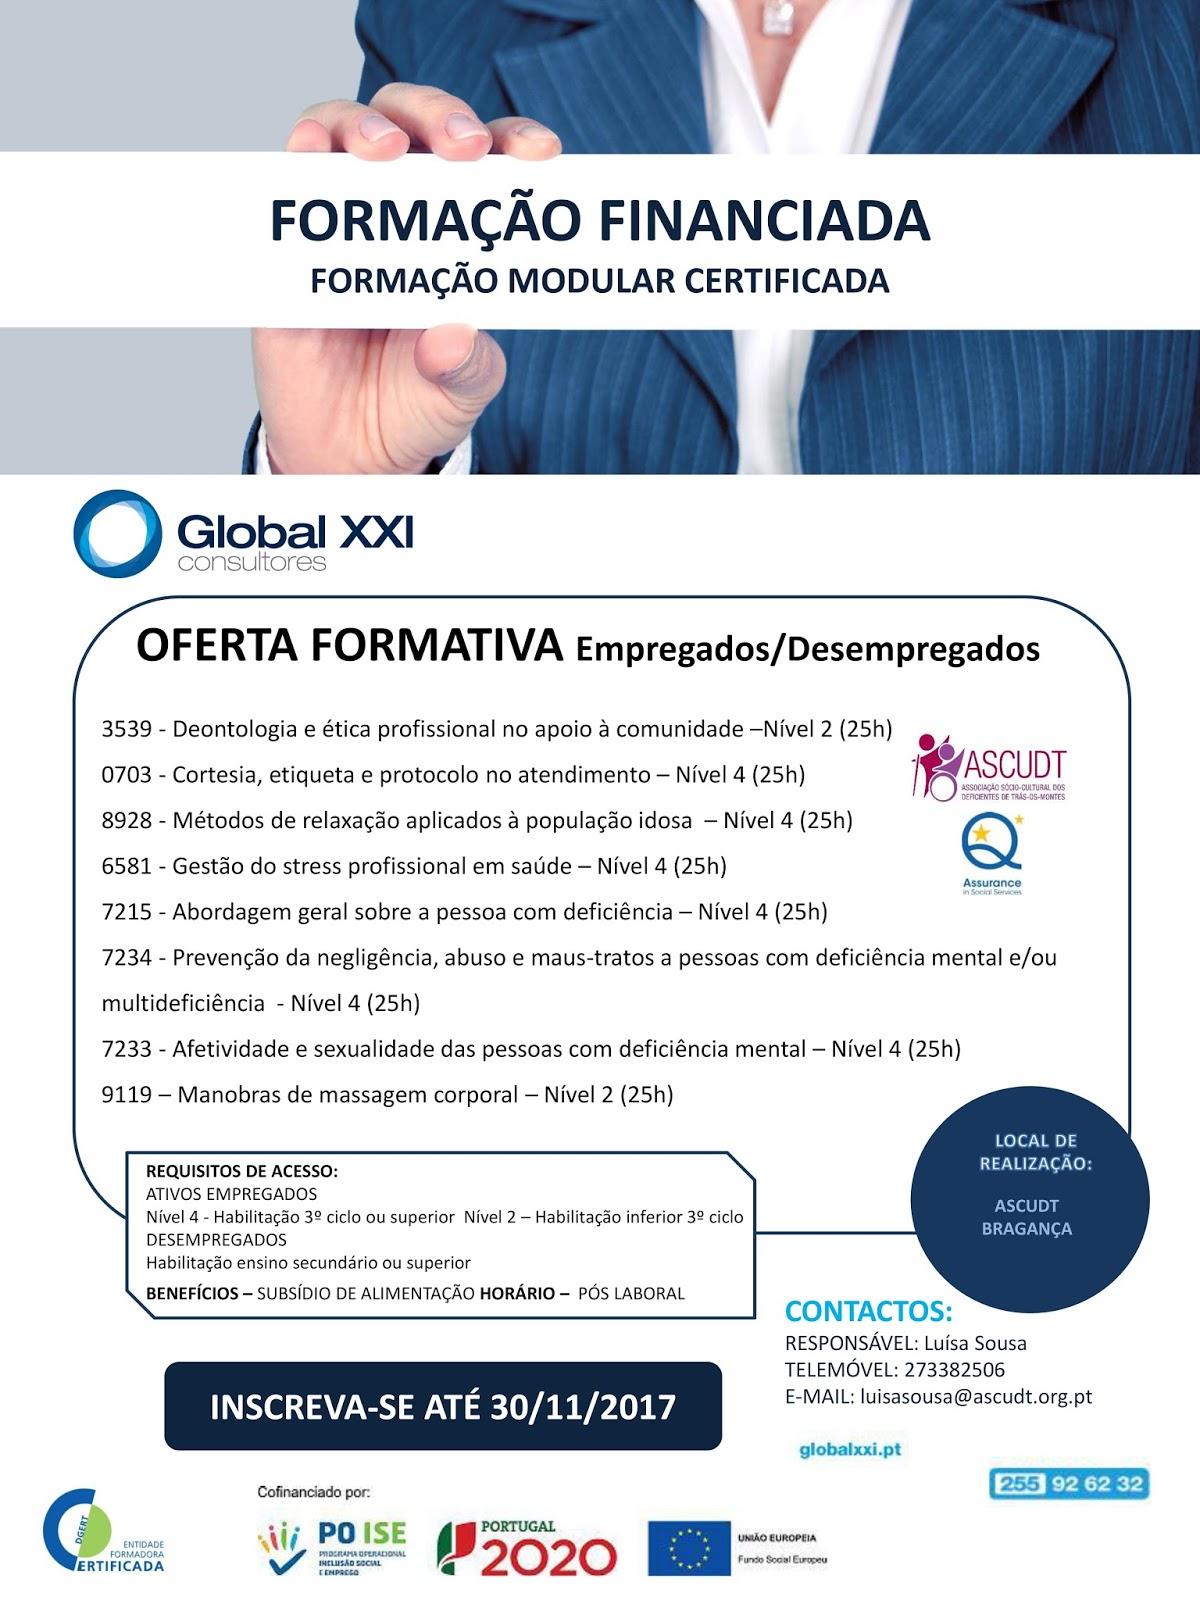 formação modular financiada Bragança